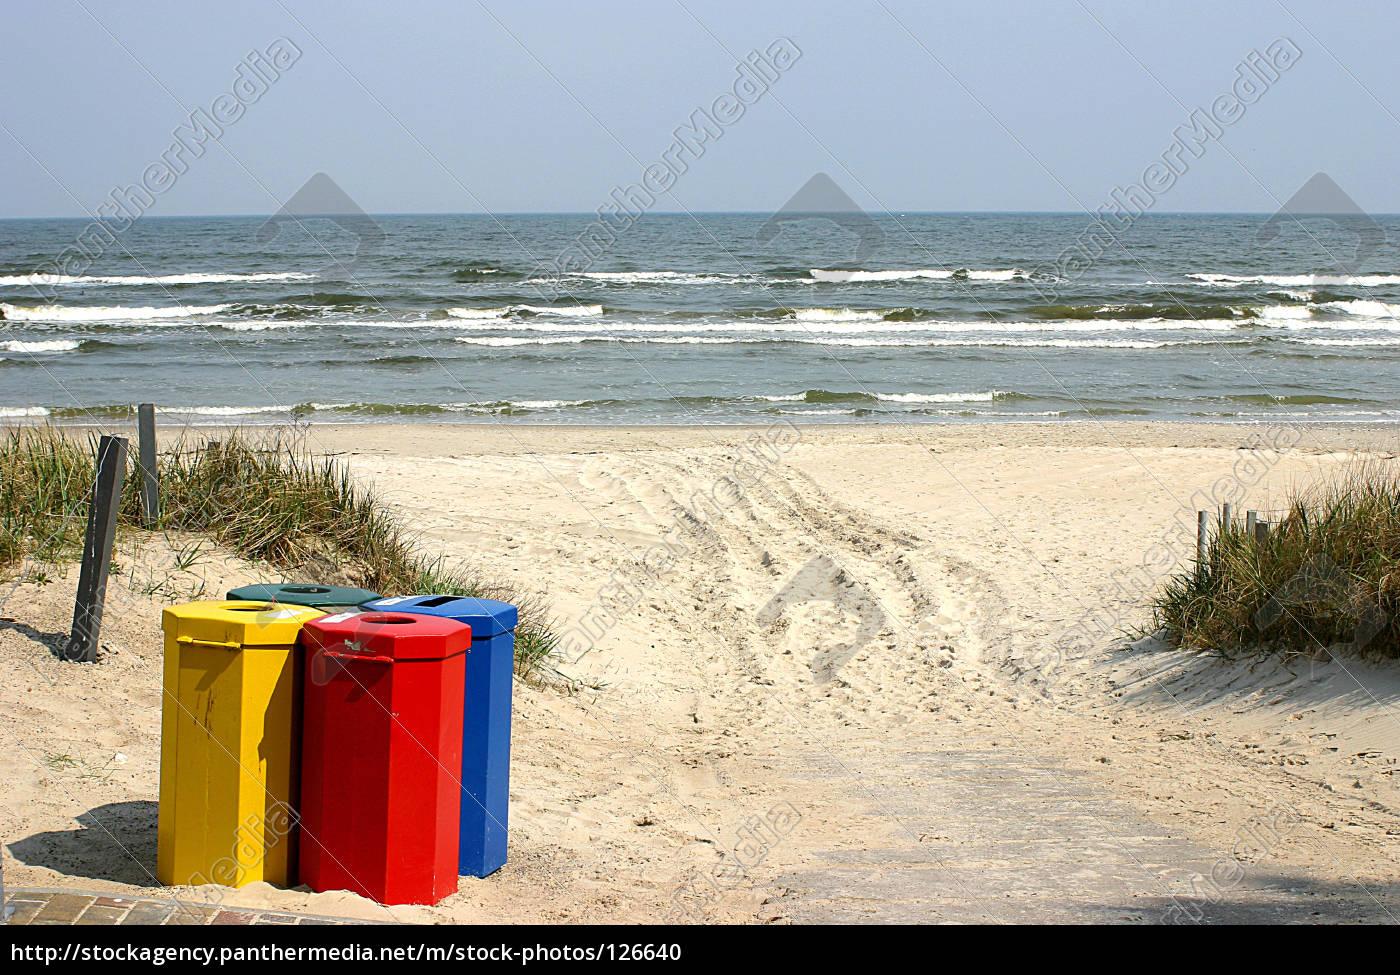 dustbin, on, the, beach - 126640